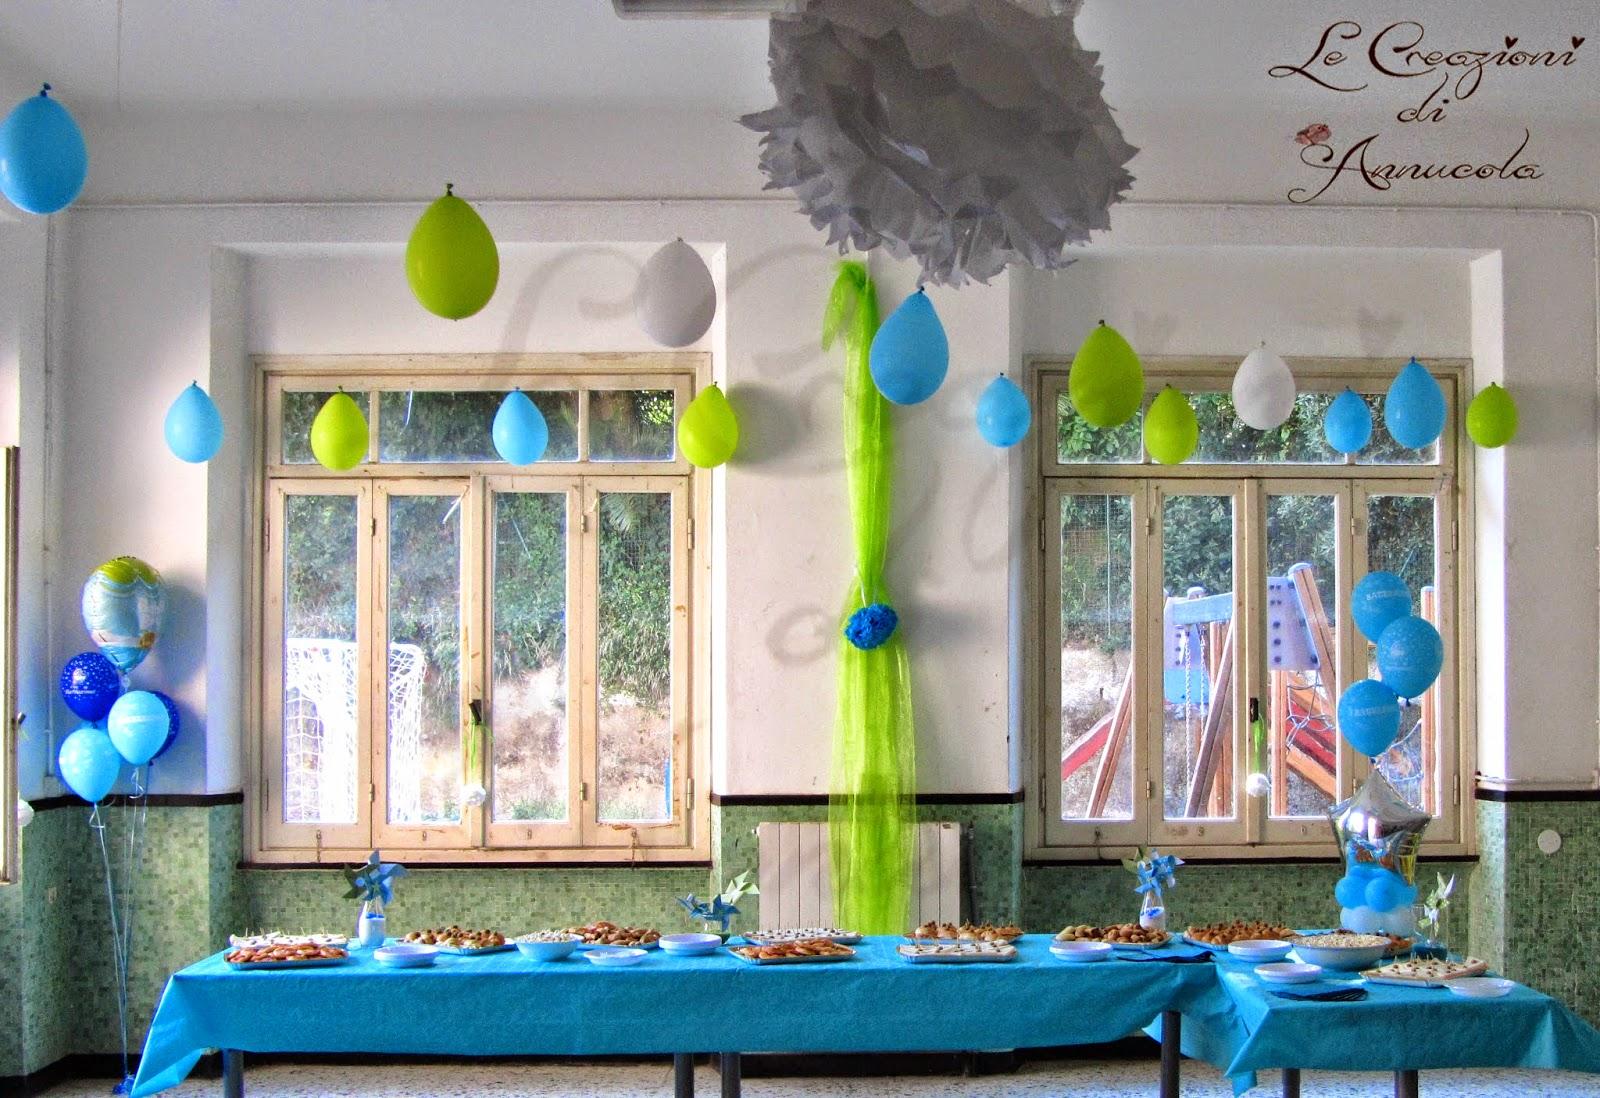 Decorazioni Sala Battesimo : Le creazioni di annucola: battesimi e baby shower